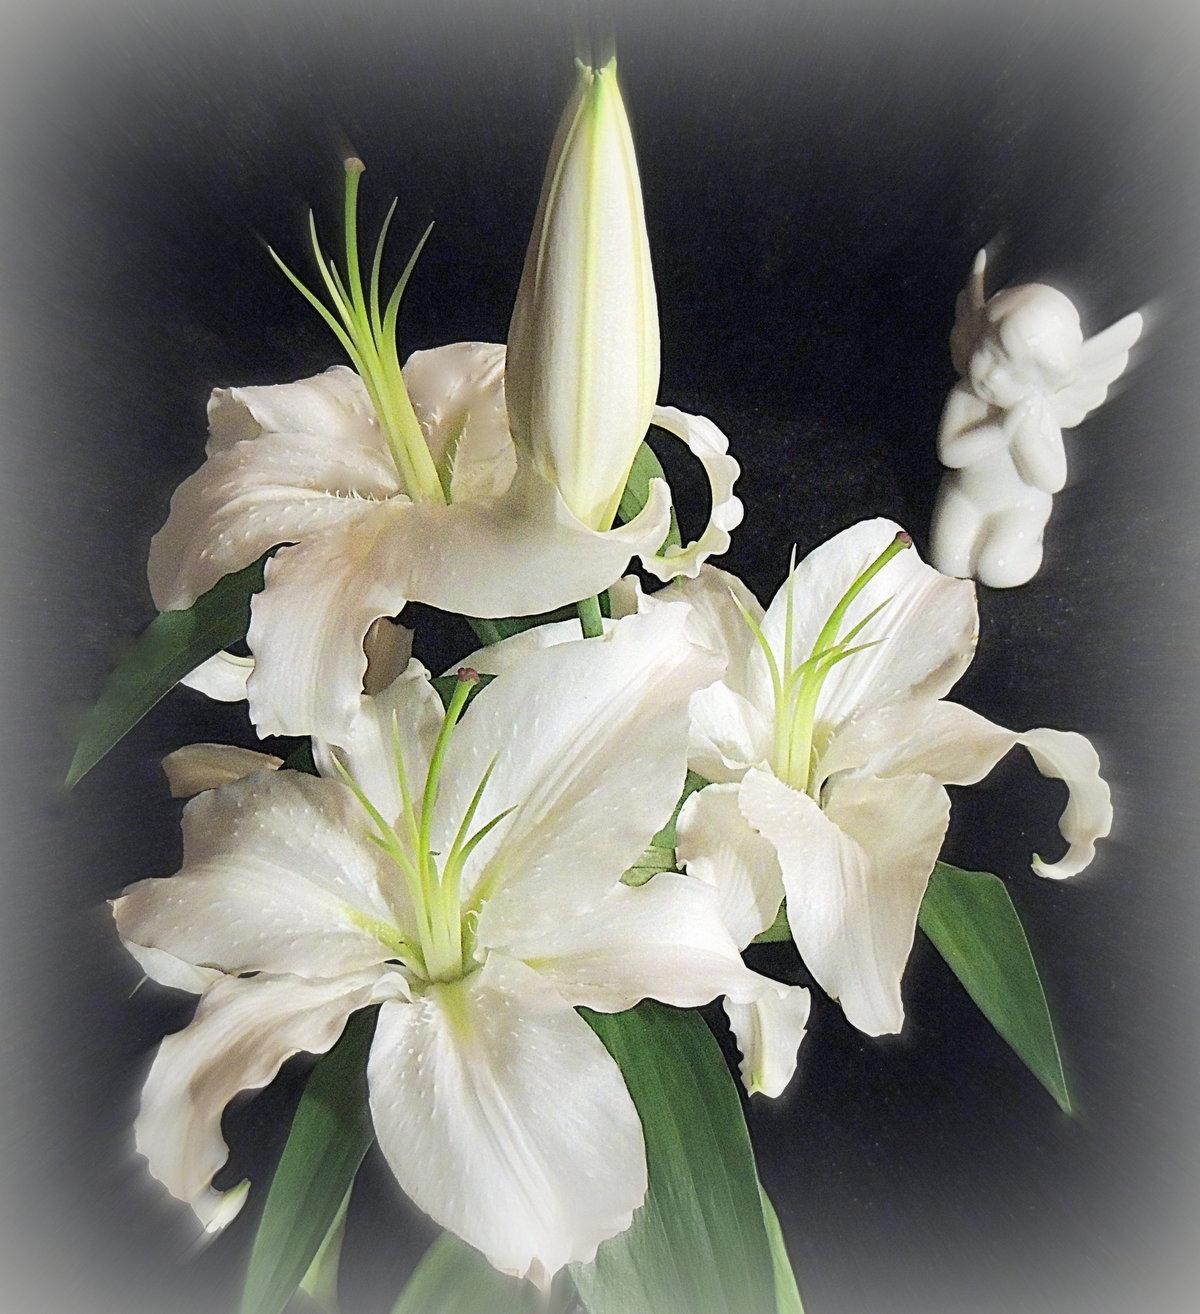 фанаты ведут картинки с цветами лилии белые вода озере